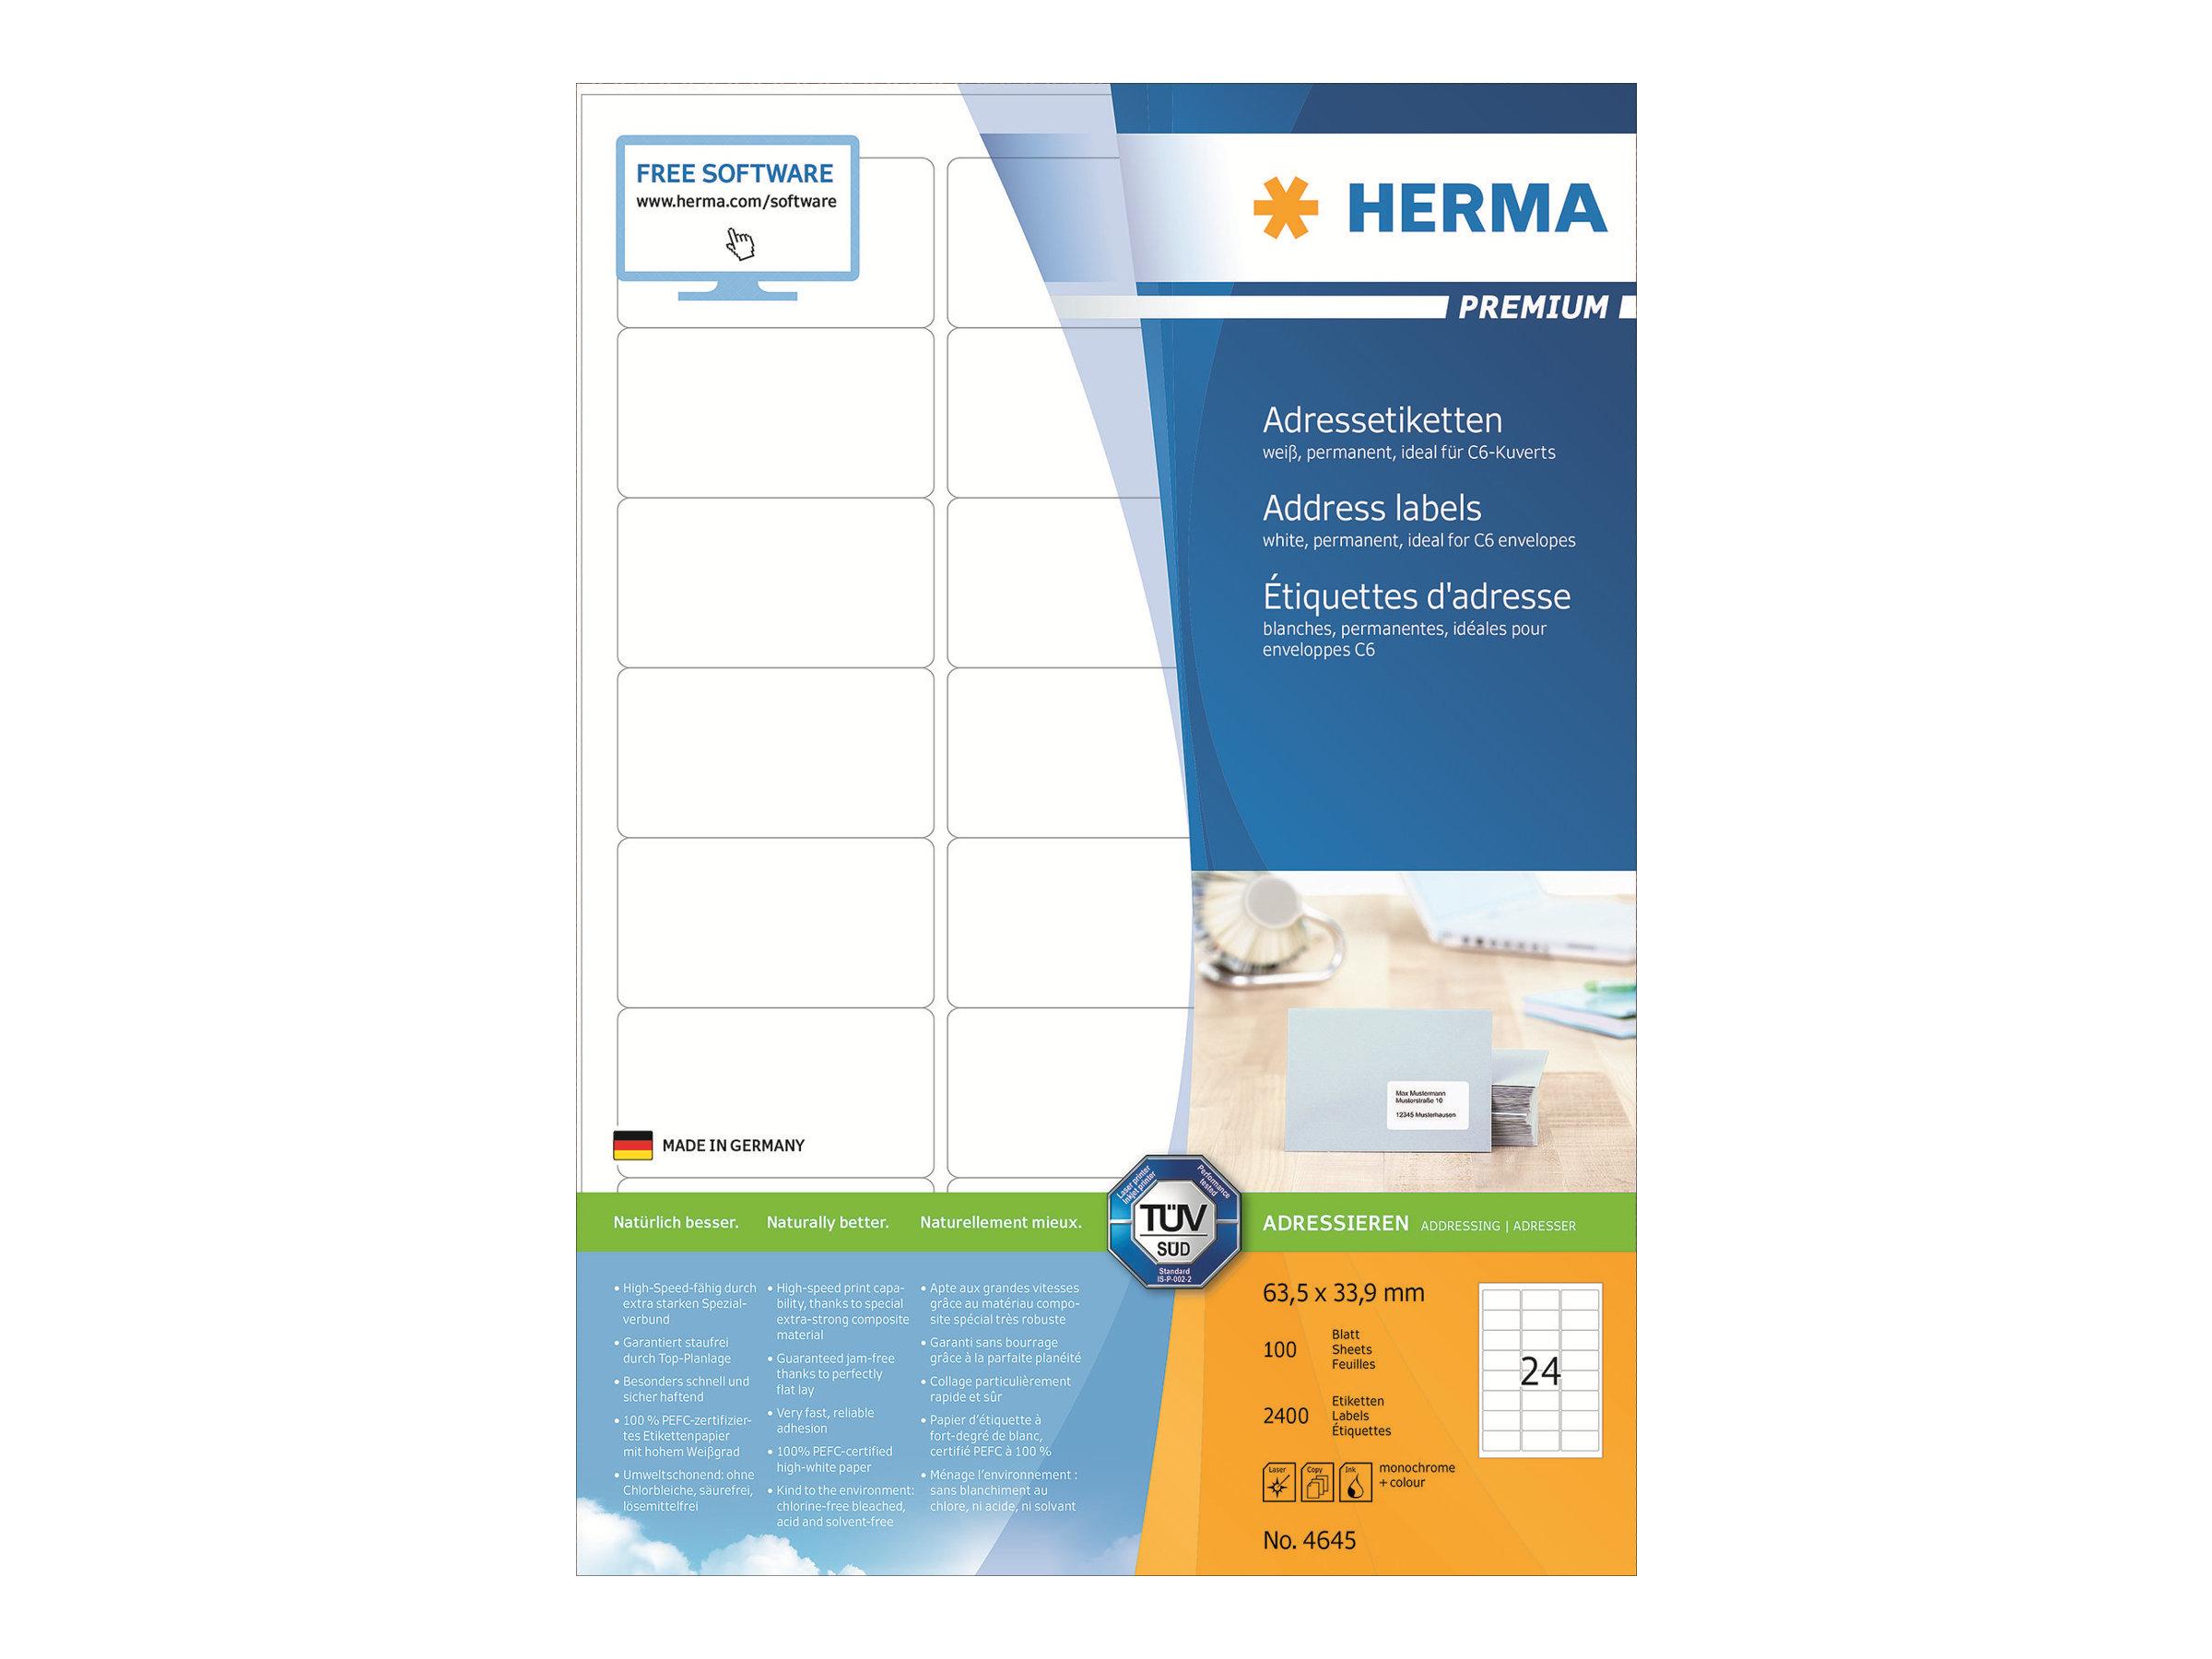 HERMA Premium - Papier - matt - permanent selbstklebend - weiß - 63.5 x 33.9 mm 2400 Etikett(en) (100 Bogen x 24)